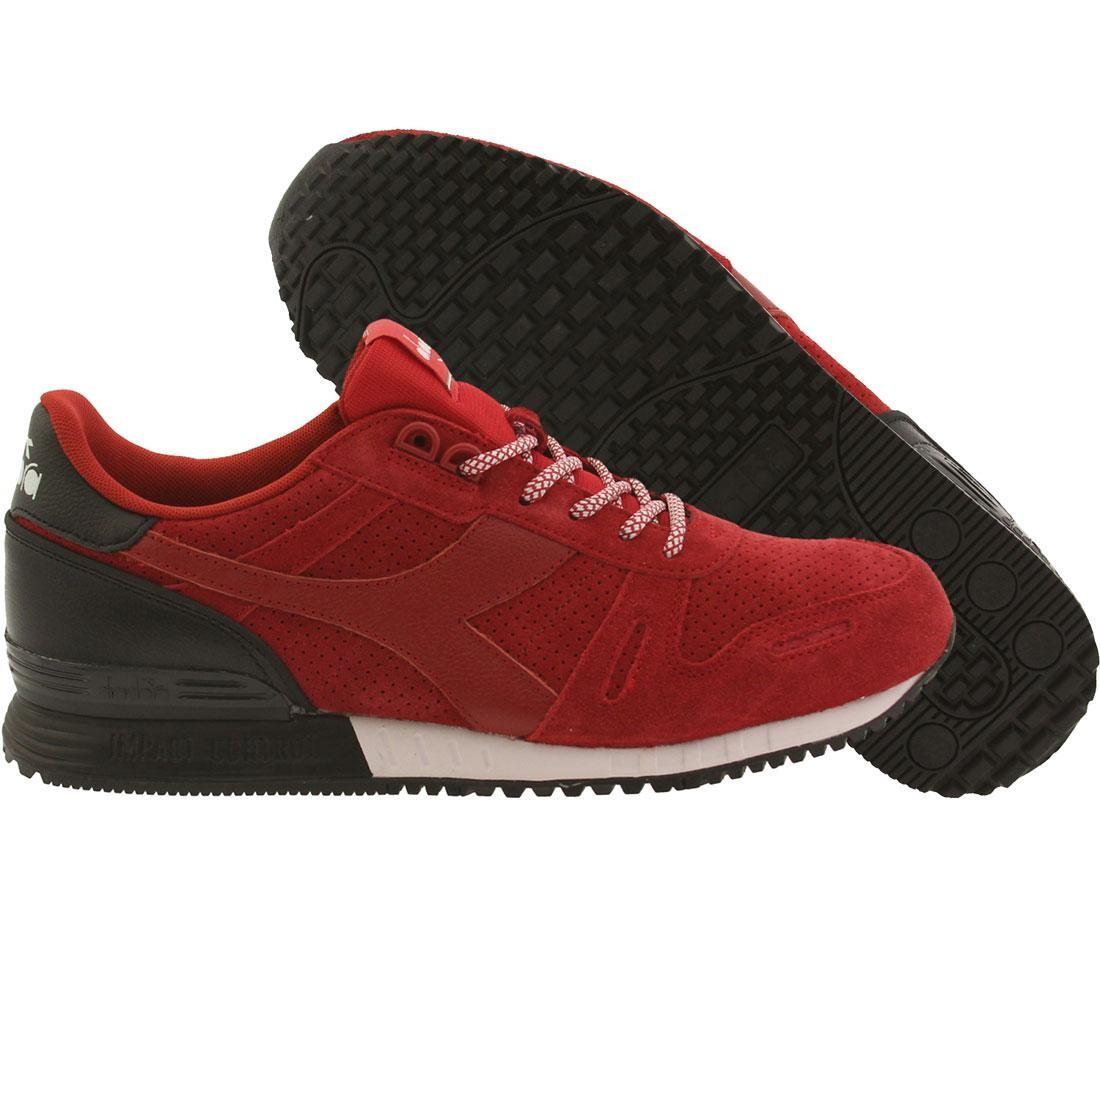 【海外限定】スエード スウェード 靴 メンズ靴 【 DIADORA MEN TITAN SUEDE RED CHILI PEPPER BLACK 】